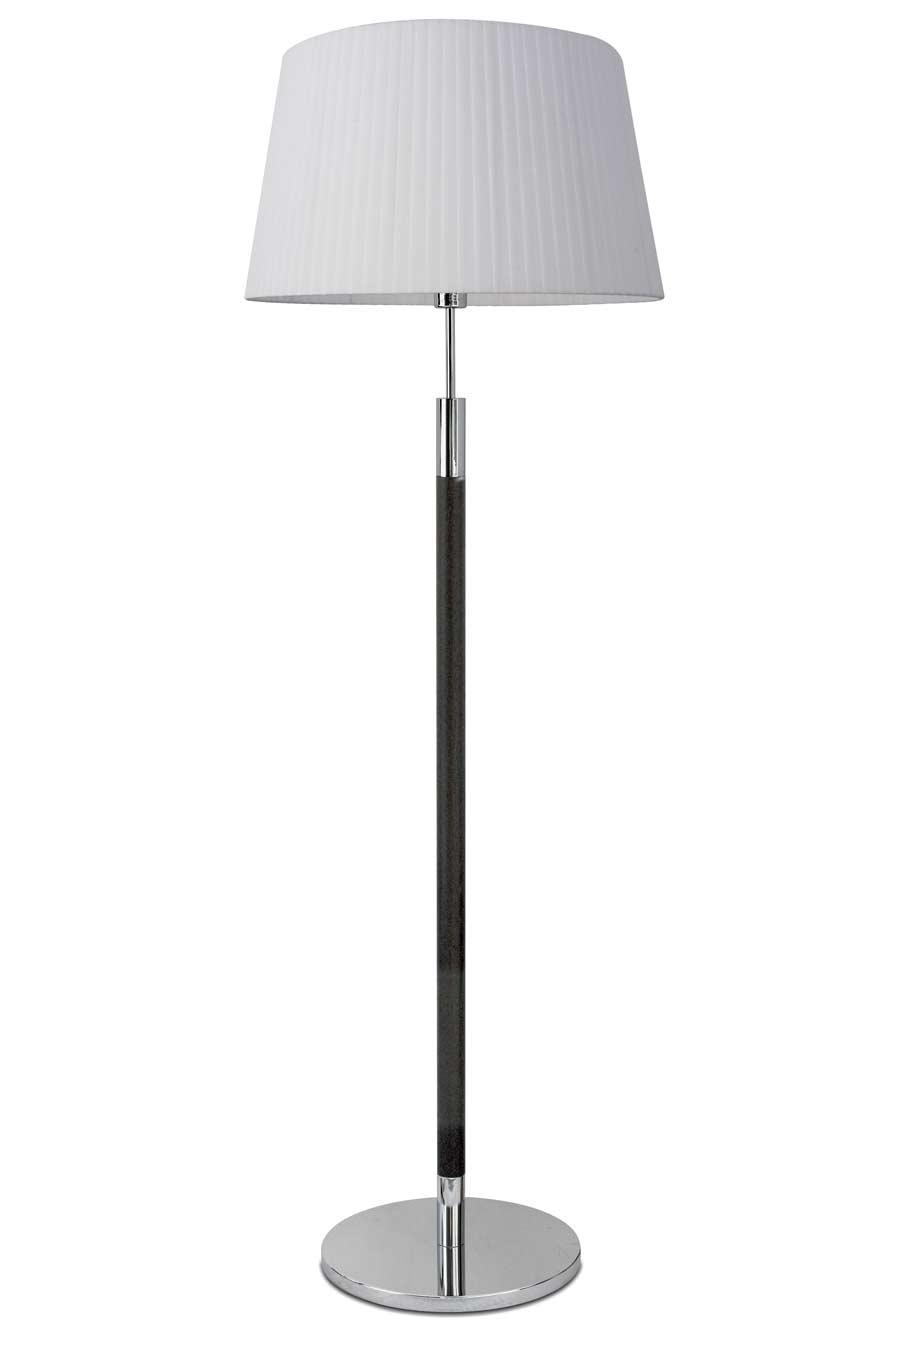 Loop Wengé lampadaire . Paulo Coelho.